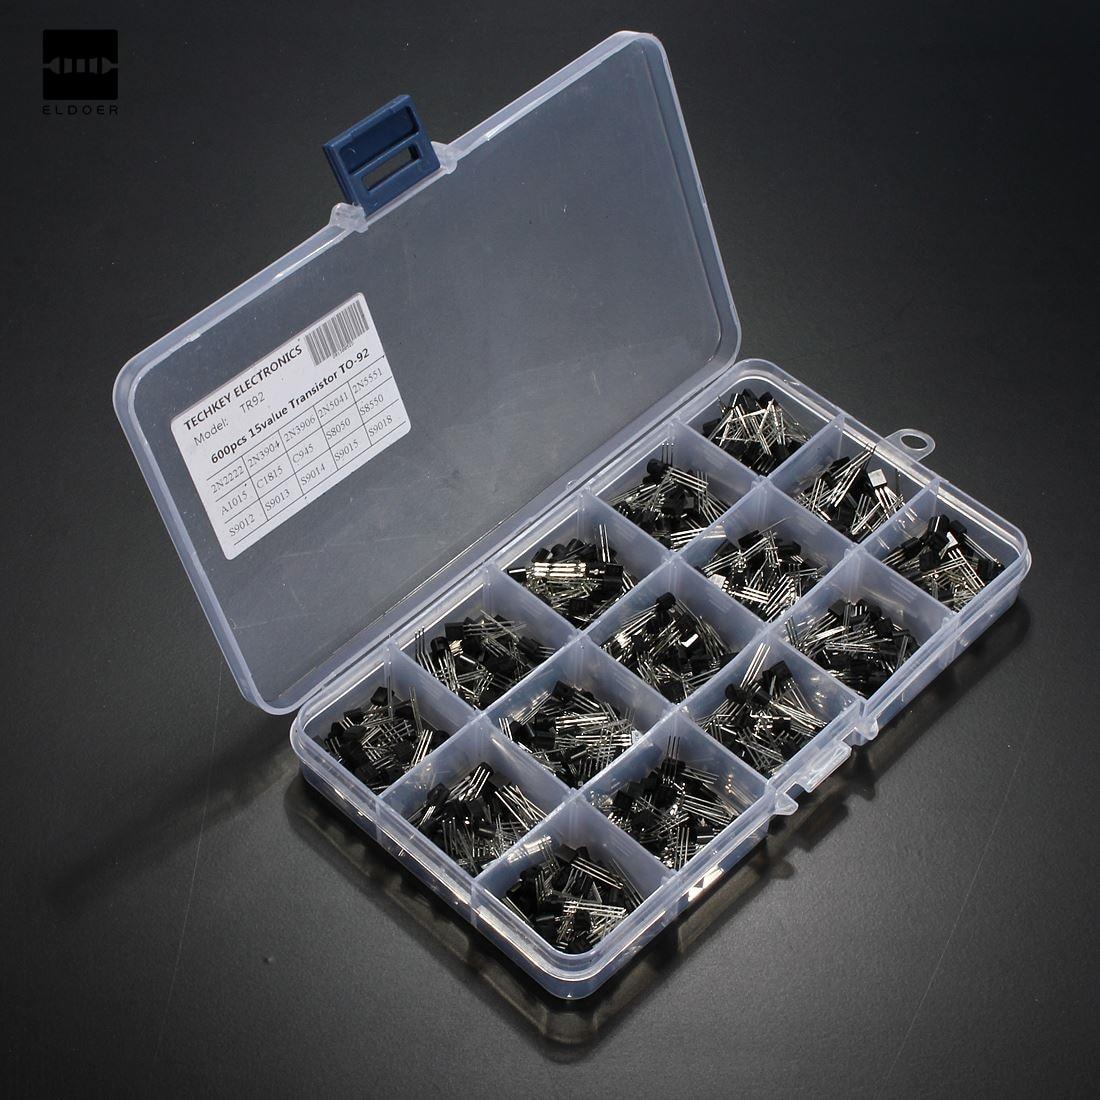 600Pcs New Arrival 15 Value X 40 Pcs Transistor TO-92 Assortment Box Kit Transistors